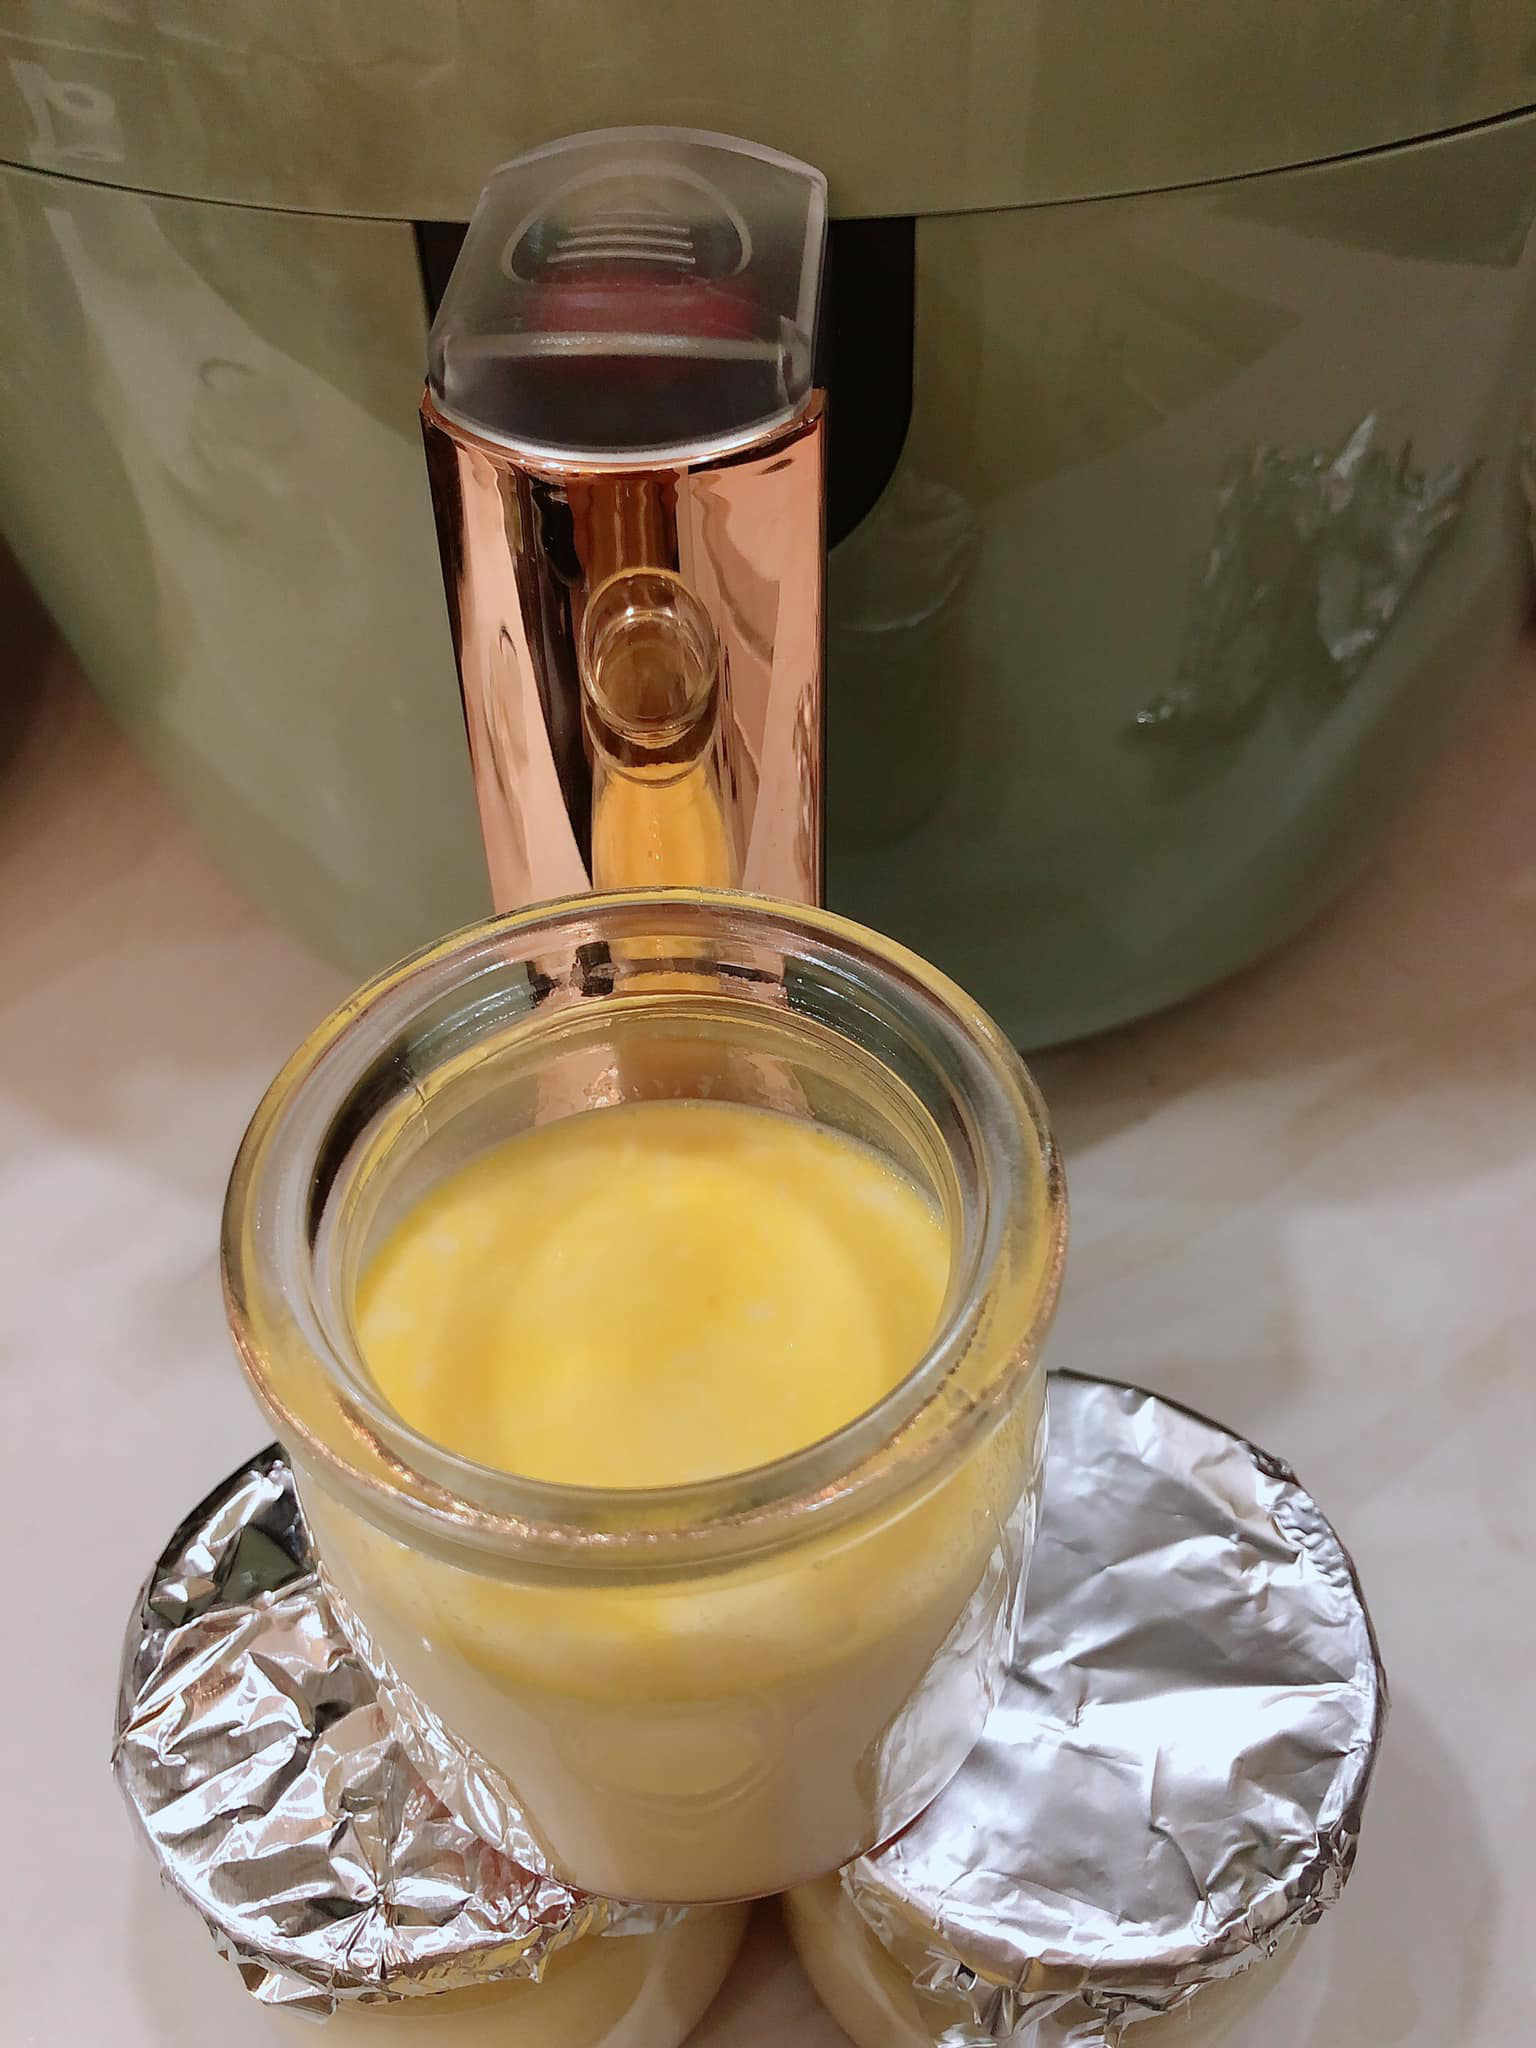 Rộ cách làm flan bằng nồi chiên không dầu: Mềm mịn thơm ngon mà không lo bị rỗ như hấp cách thủy-23